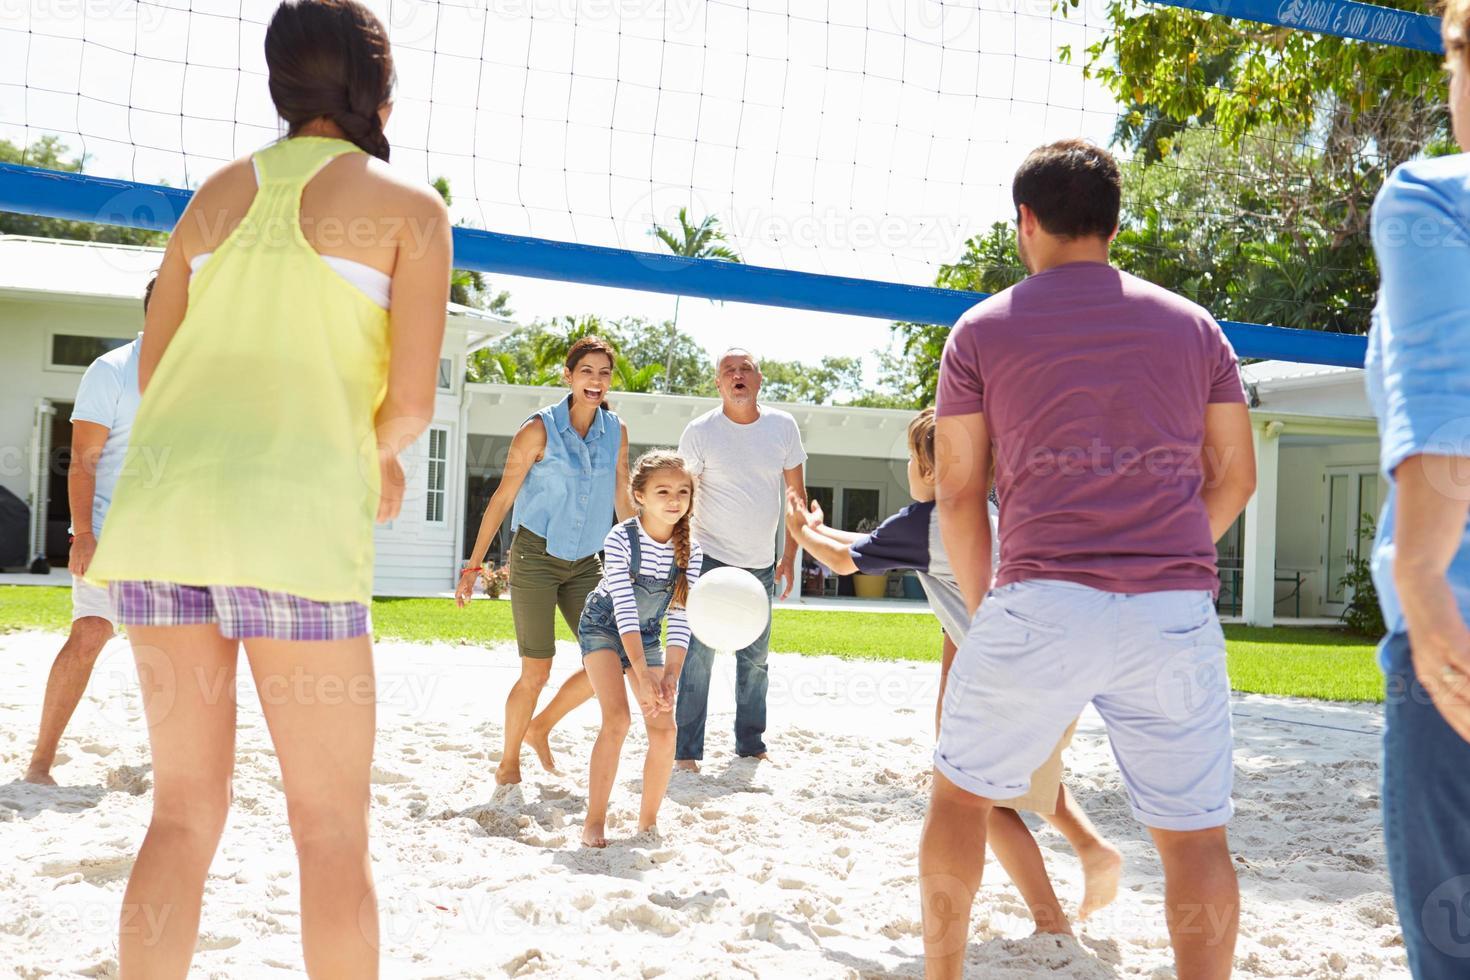 famiglia multi generazione giocando a pallavolo in giardino foto